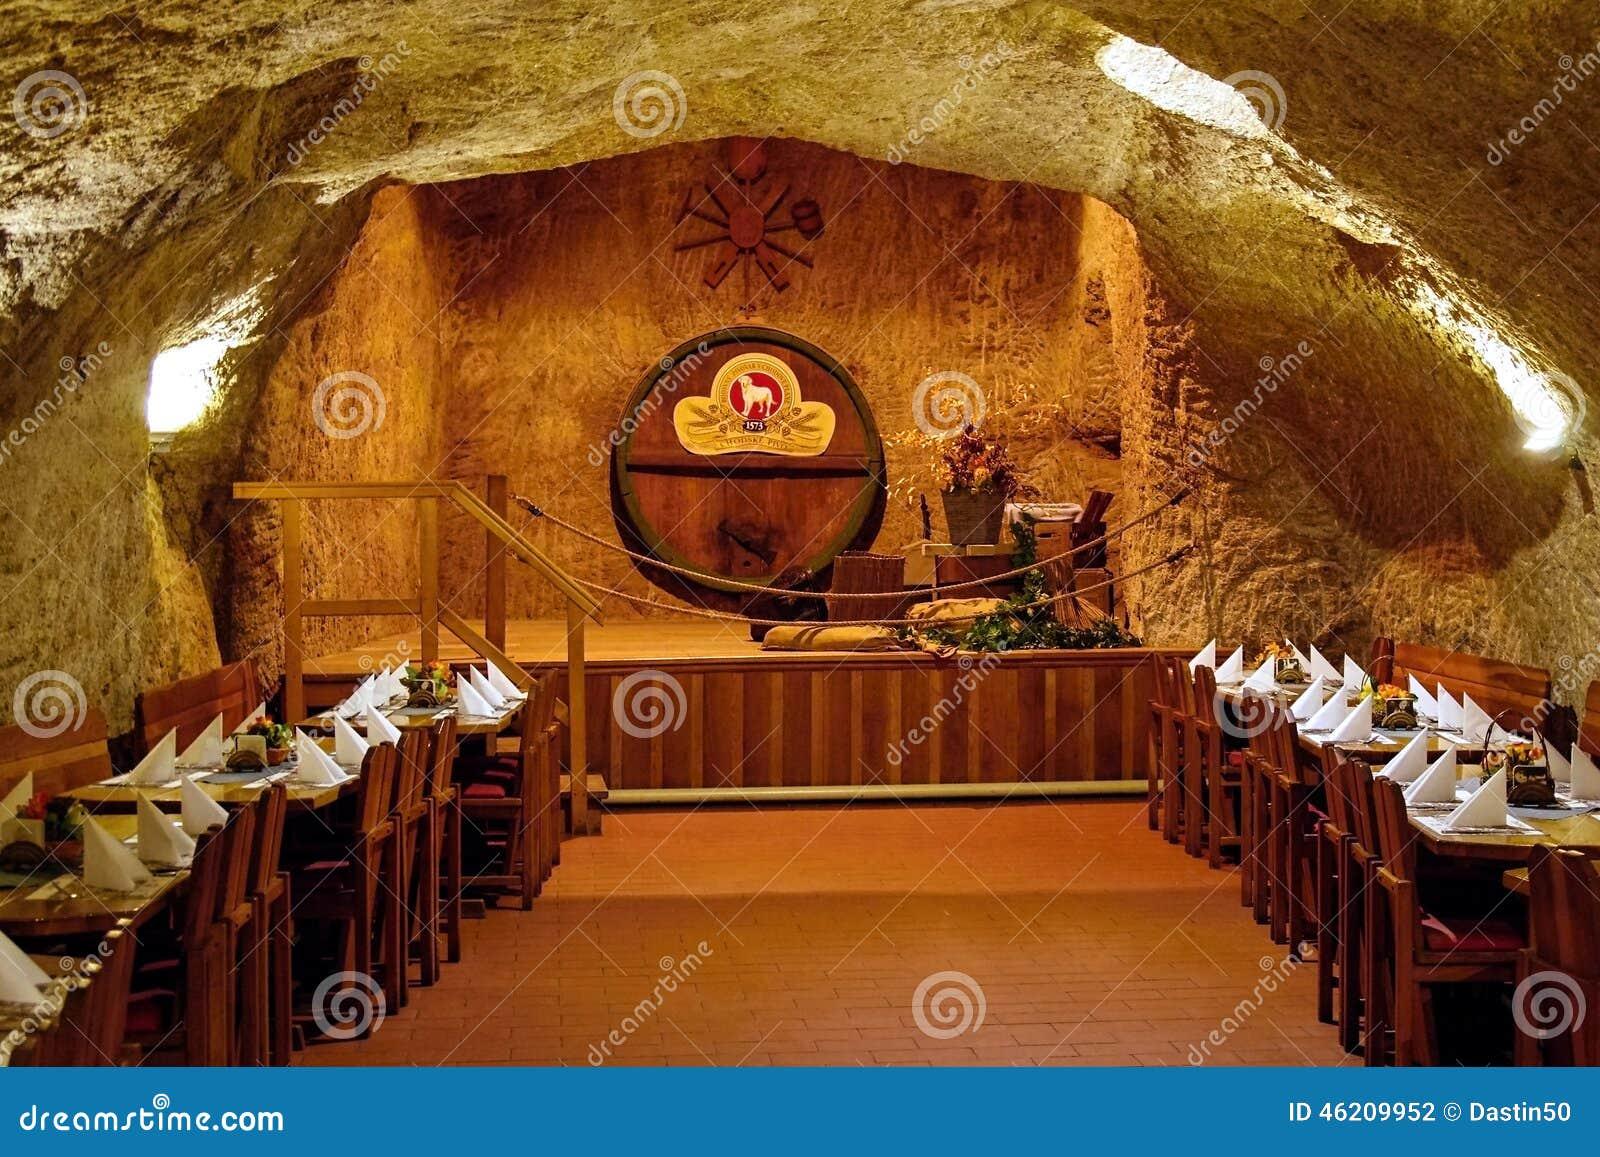 Im Felsen Restaurant Chodova Plana Tschechische Republik Redaktionelles Stockfotografie Bild Von Brauerei Felsen 46209952